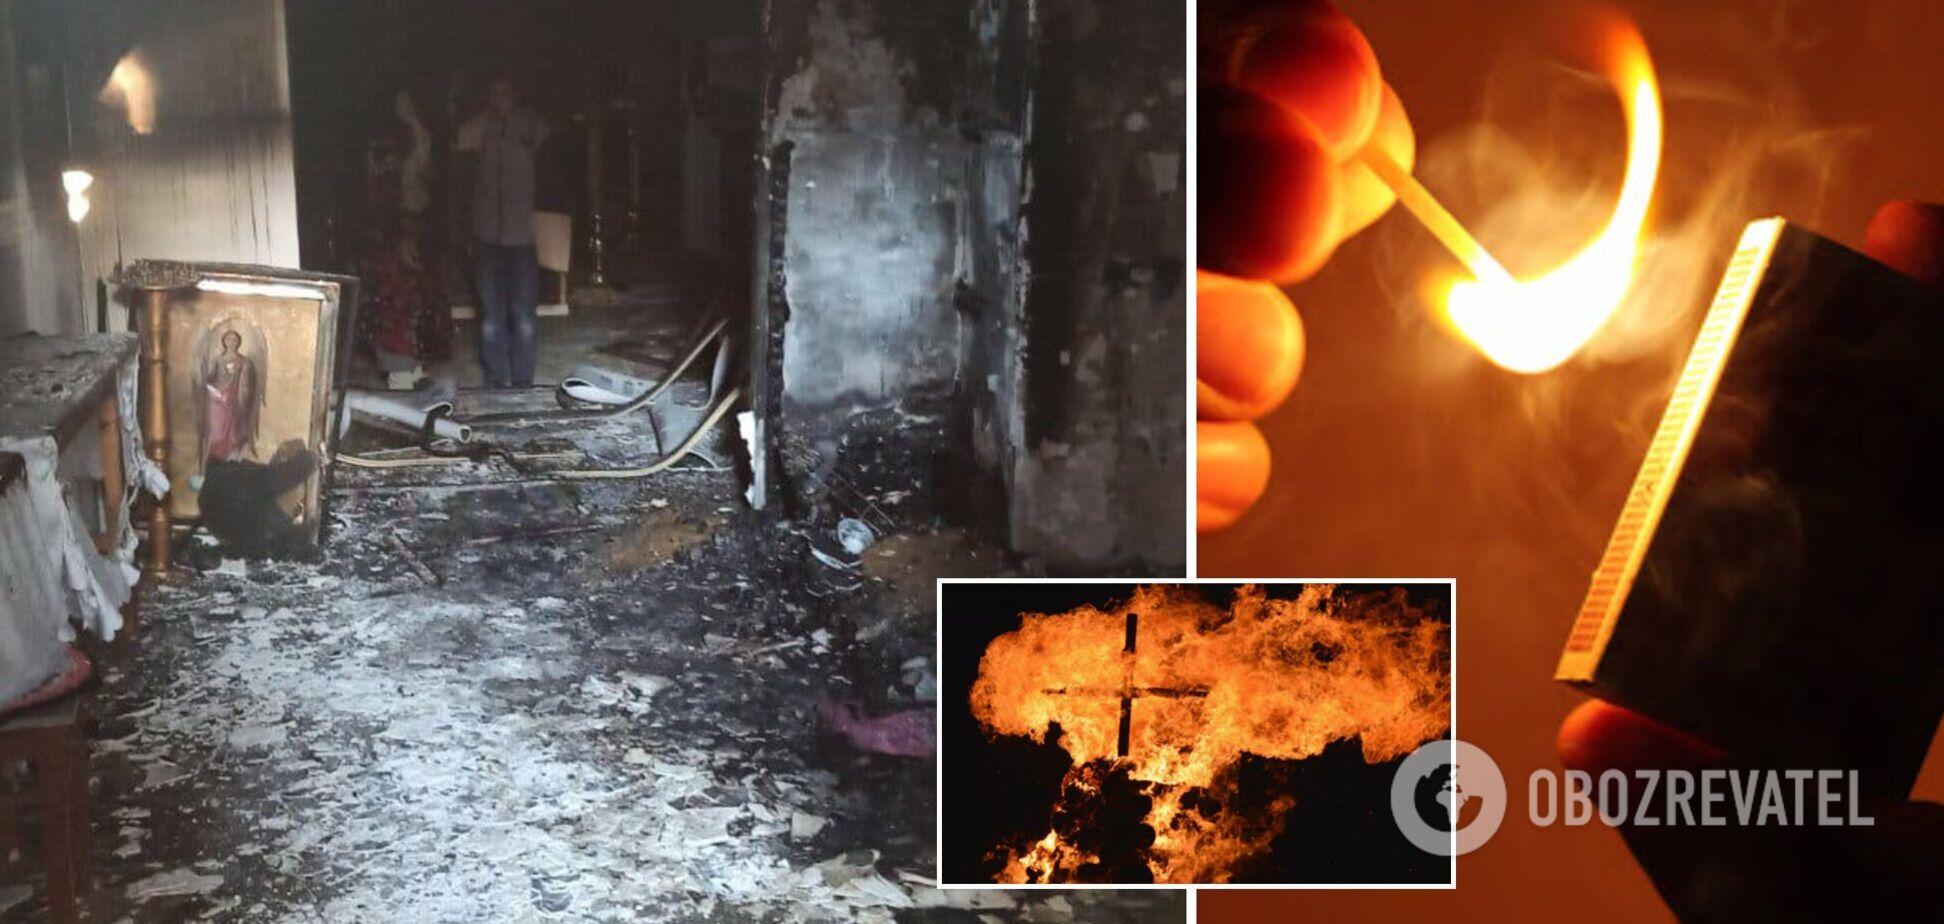 На Одещині підліток підпалив церкву: хотів помститися однокласнику. Фото